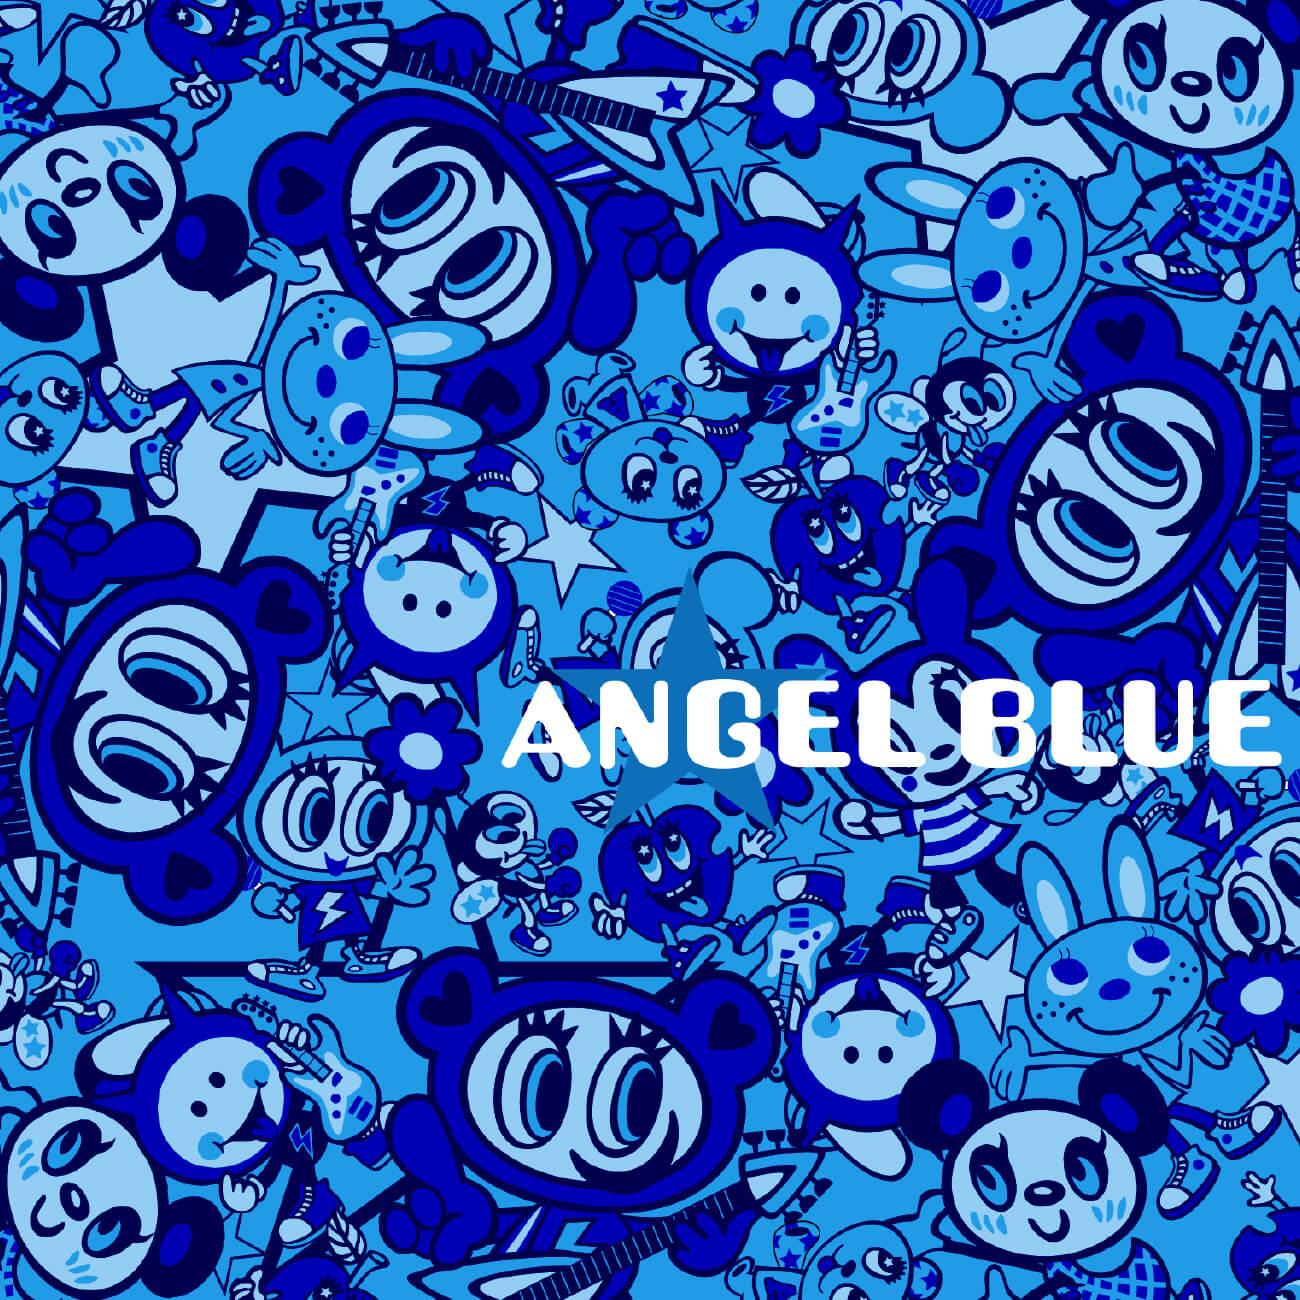 Angel Blue(エンジェルブルー)